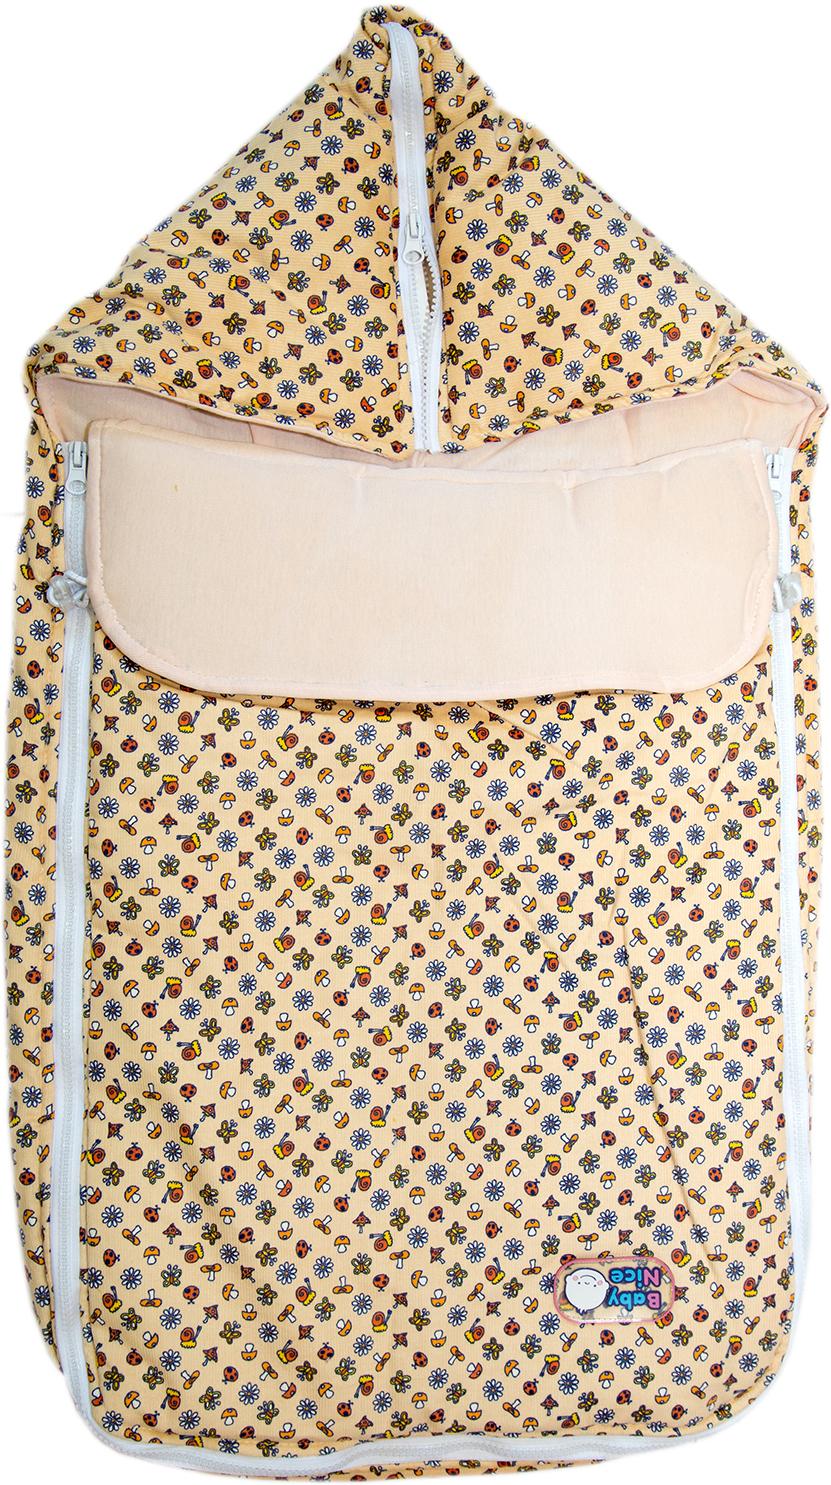 Конверт Baby Nice с меховой подкладкой конверт меховой baby elite alex коричневый